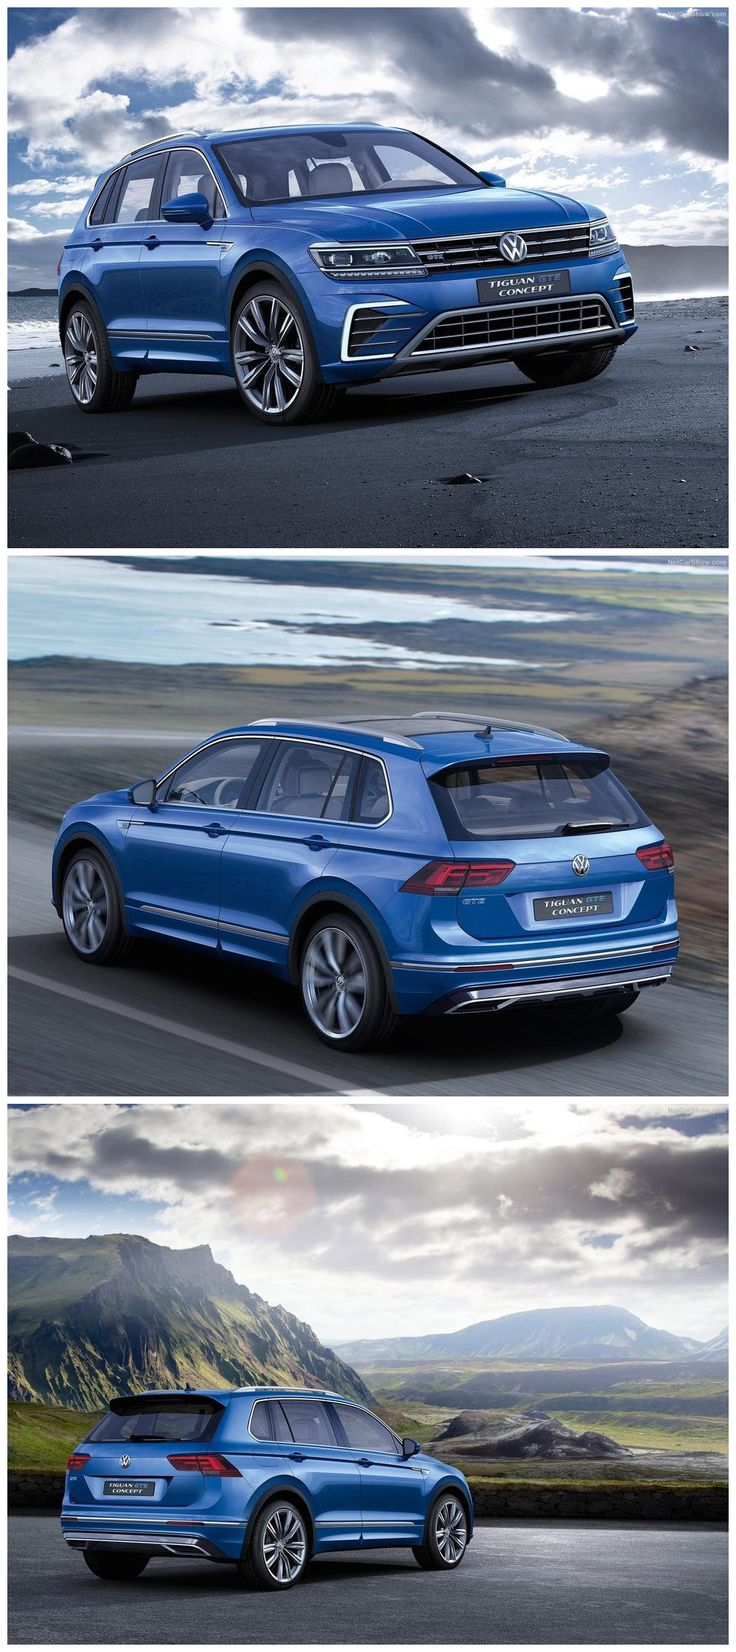 Volkswagen Tiguan http://www.cochessegundamano.es/volkswagen/tiguan/